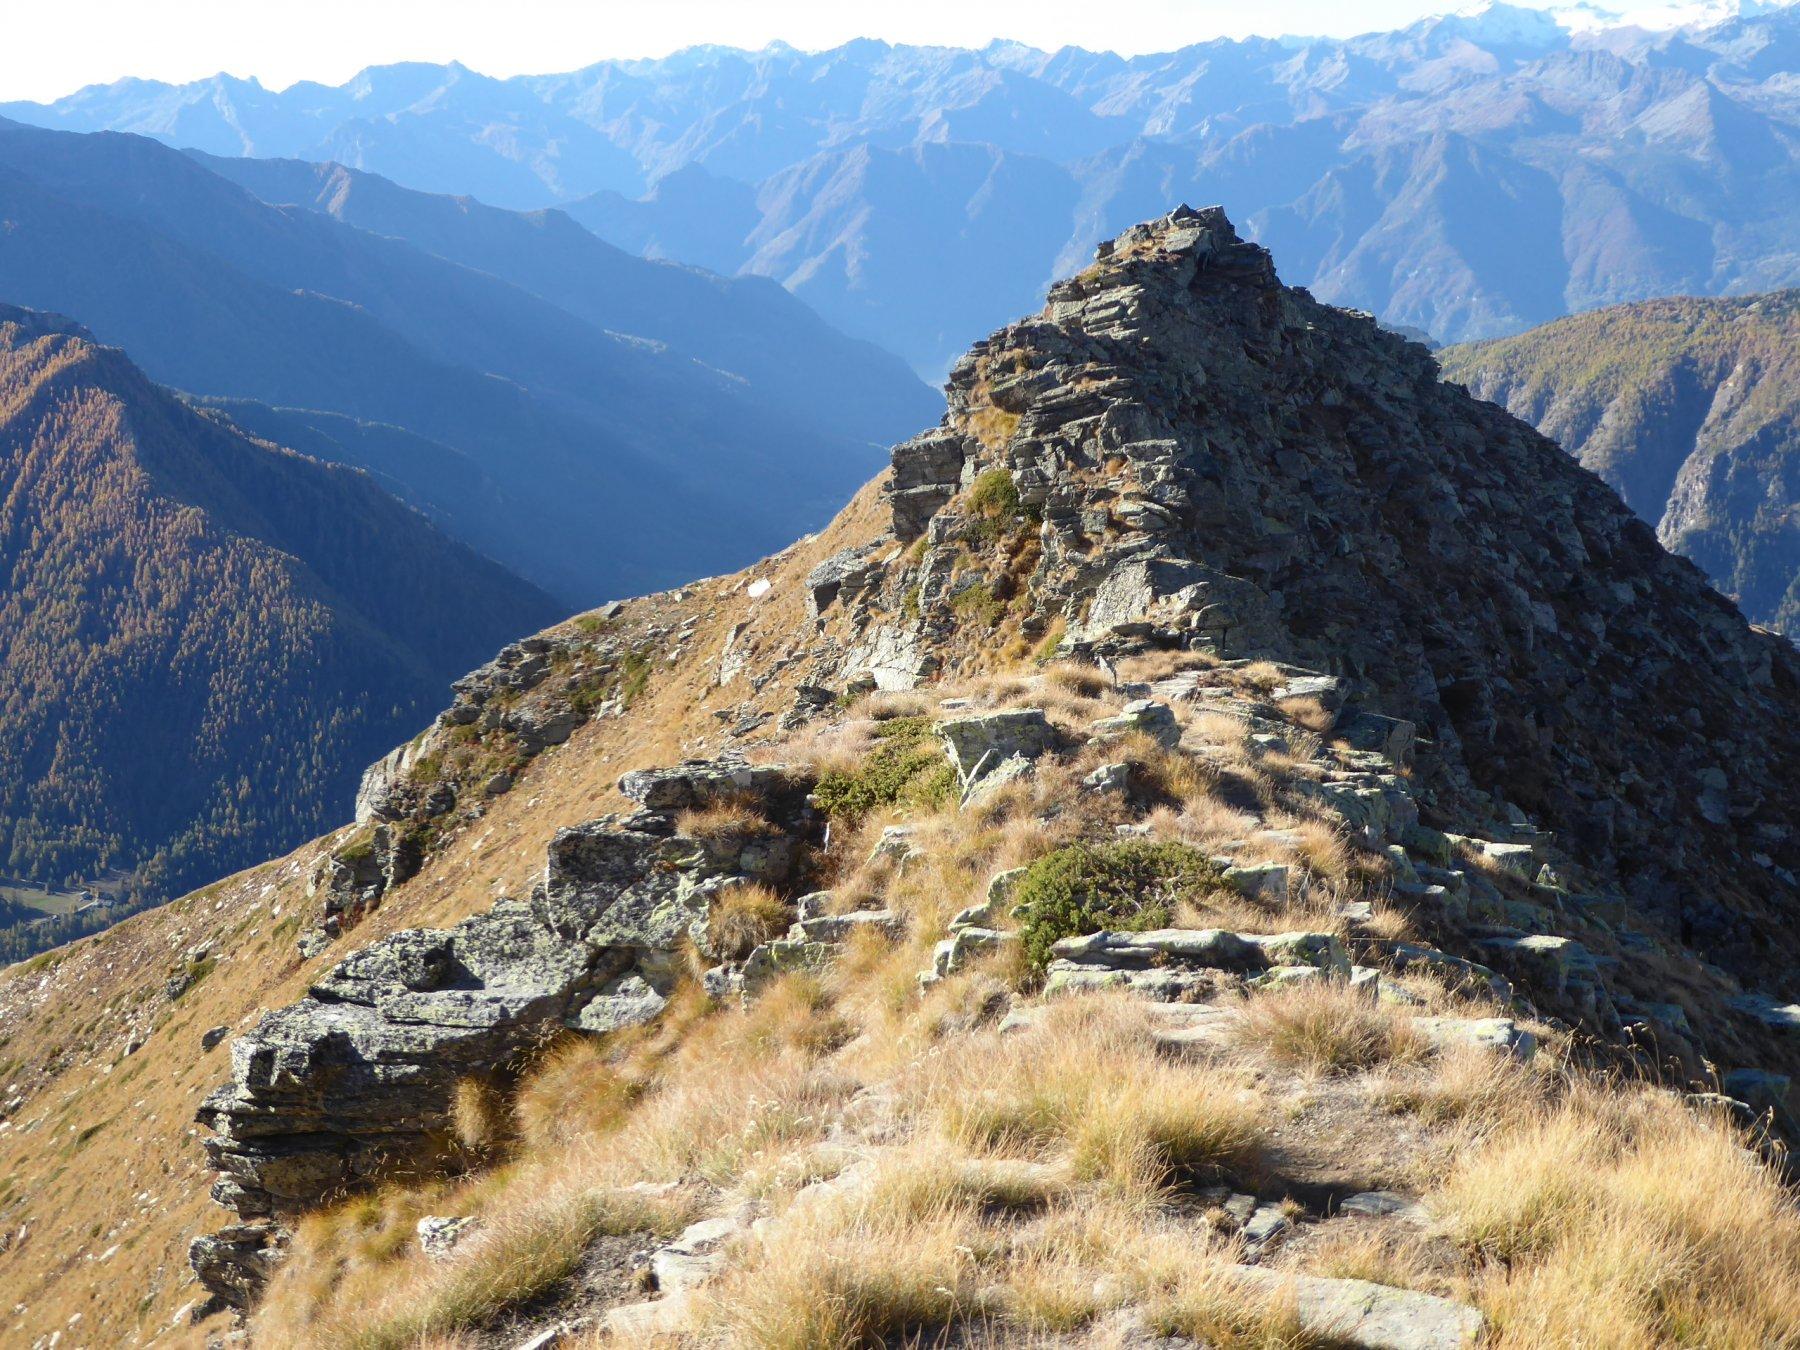 scendendo, la cresta rocciosa dell'anticima